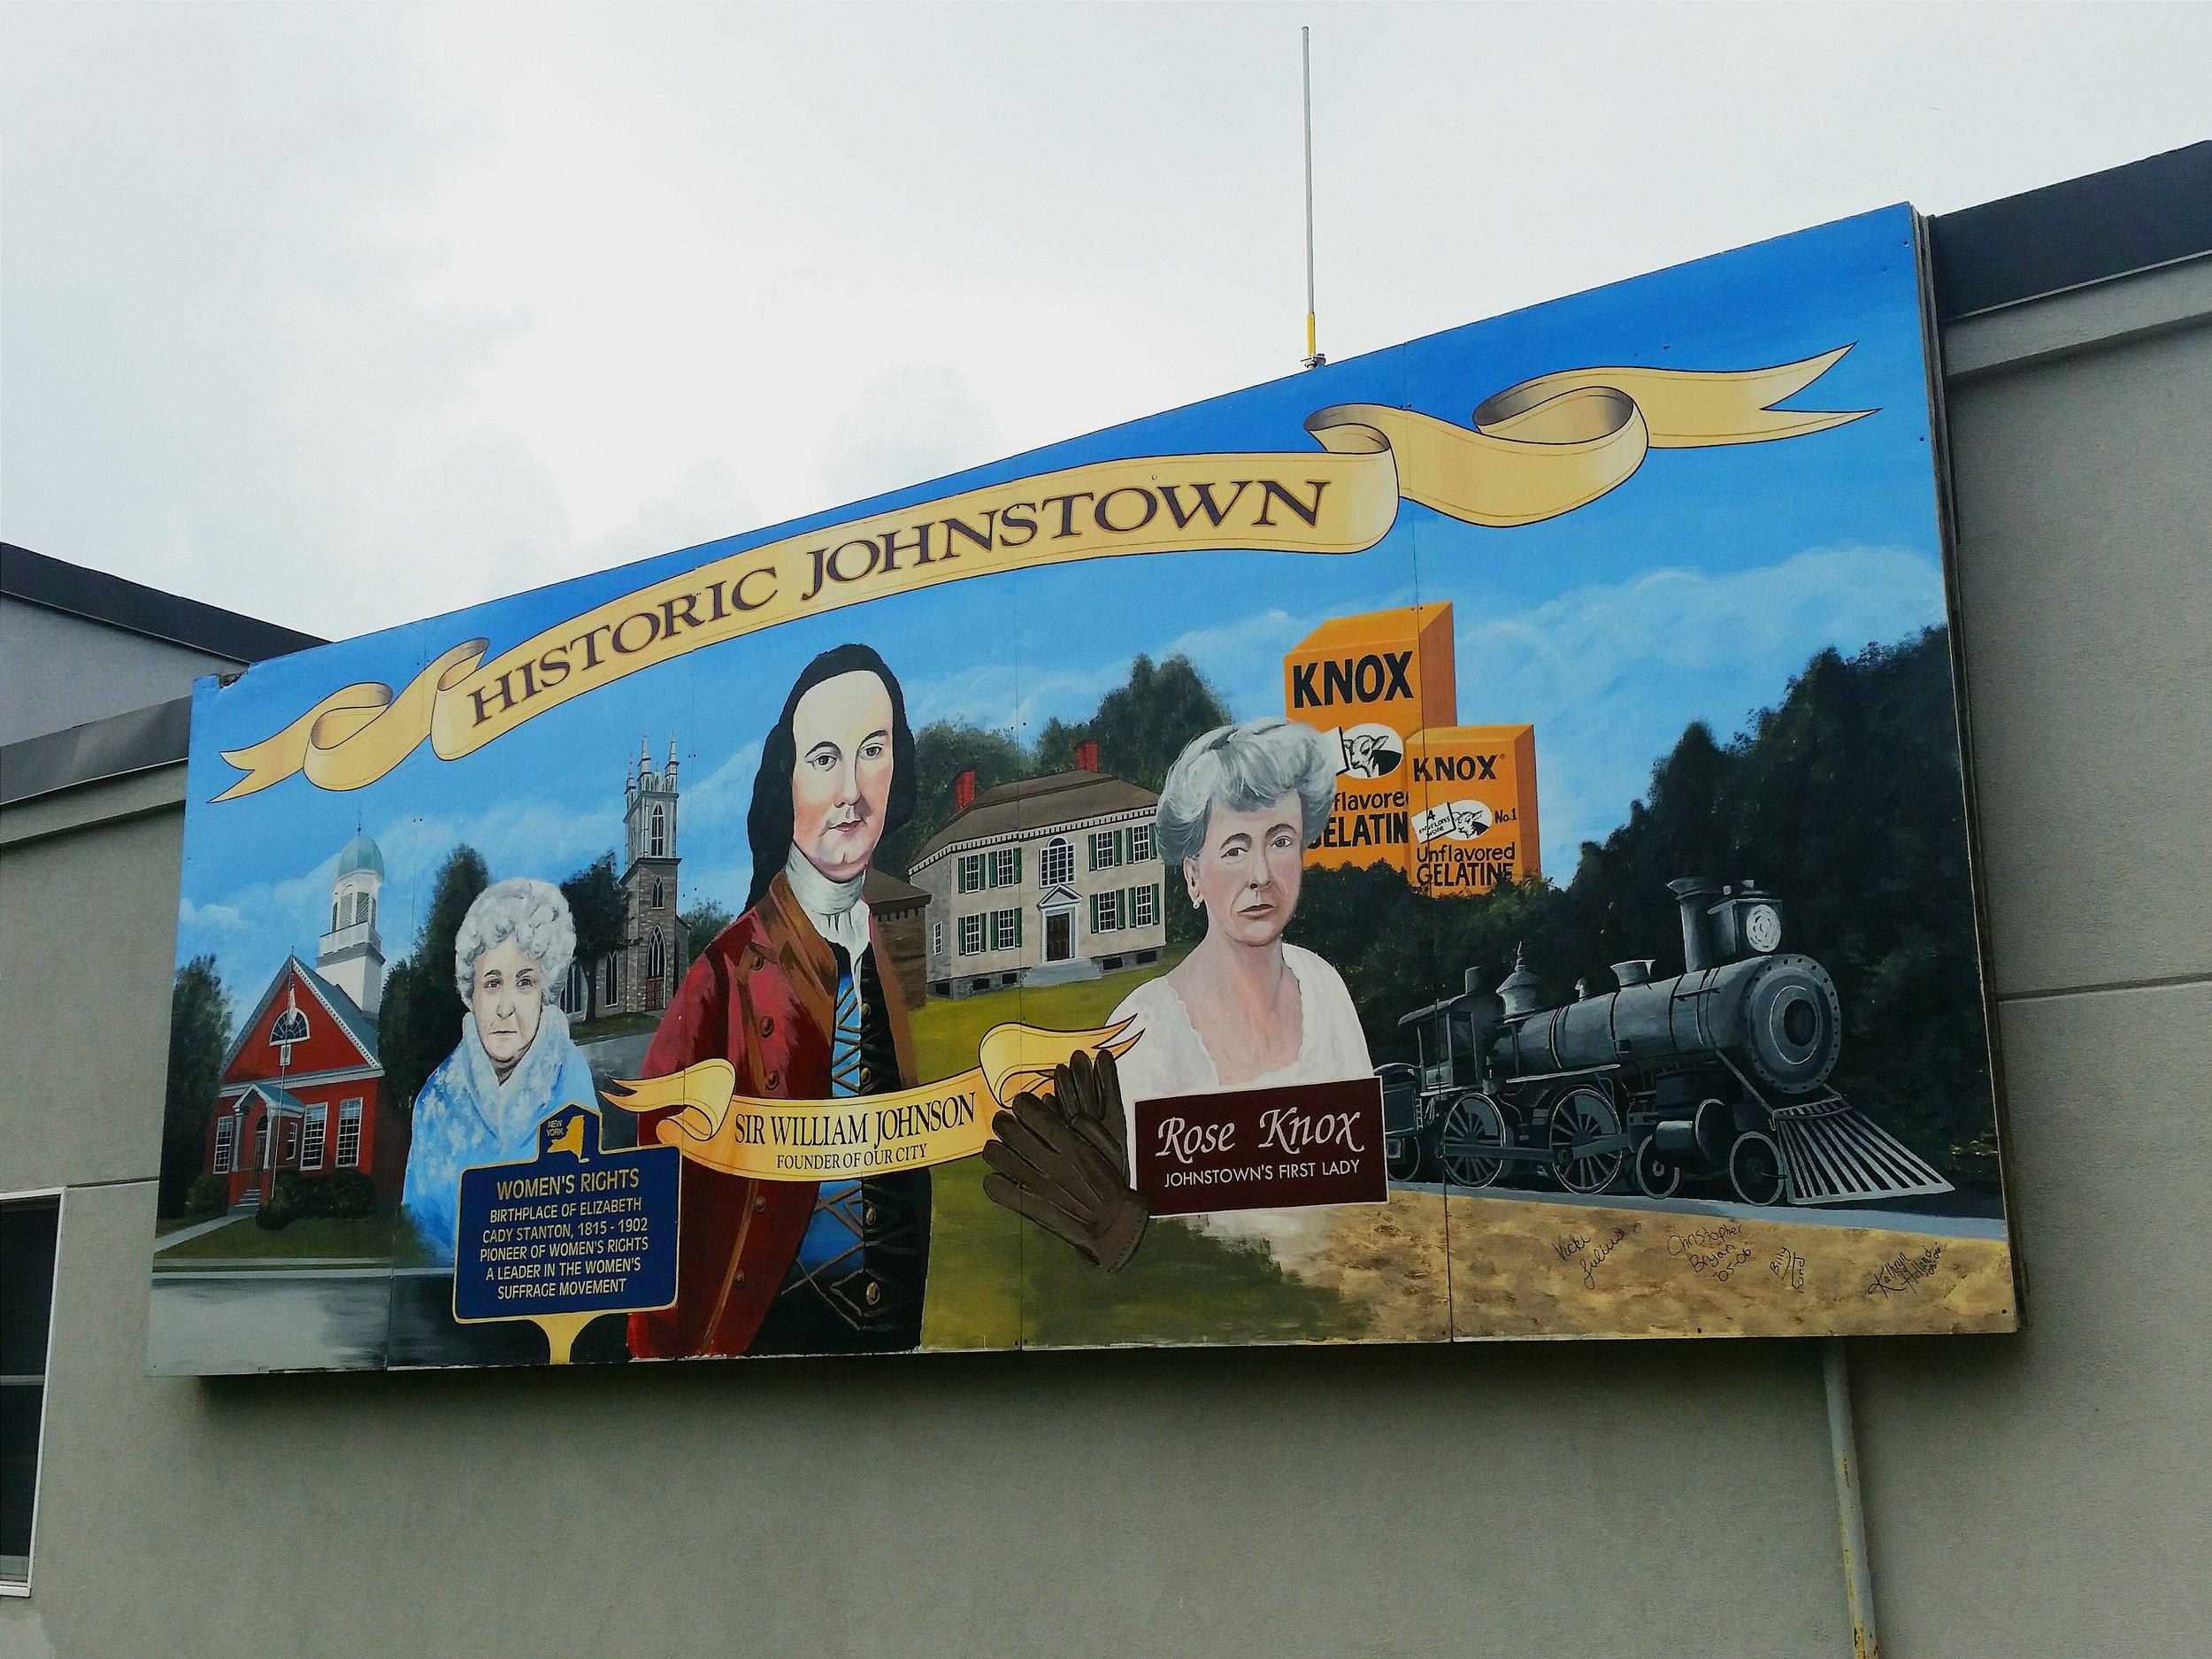 Johnstown, NY